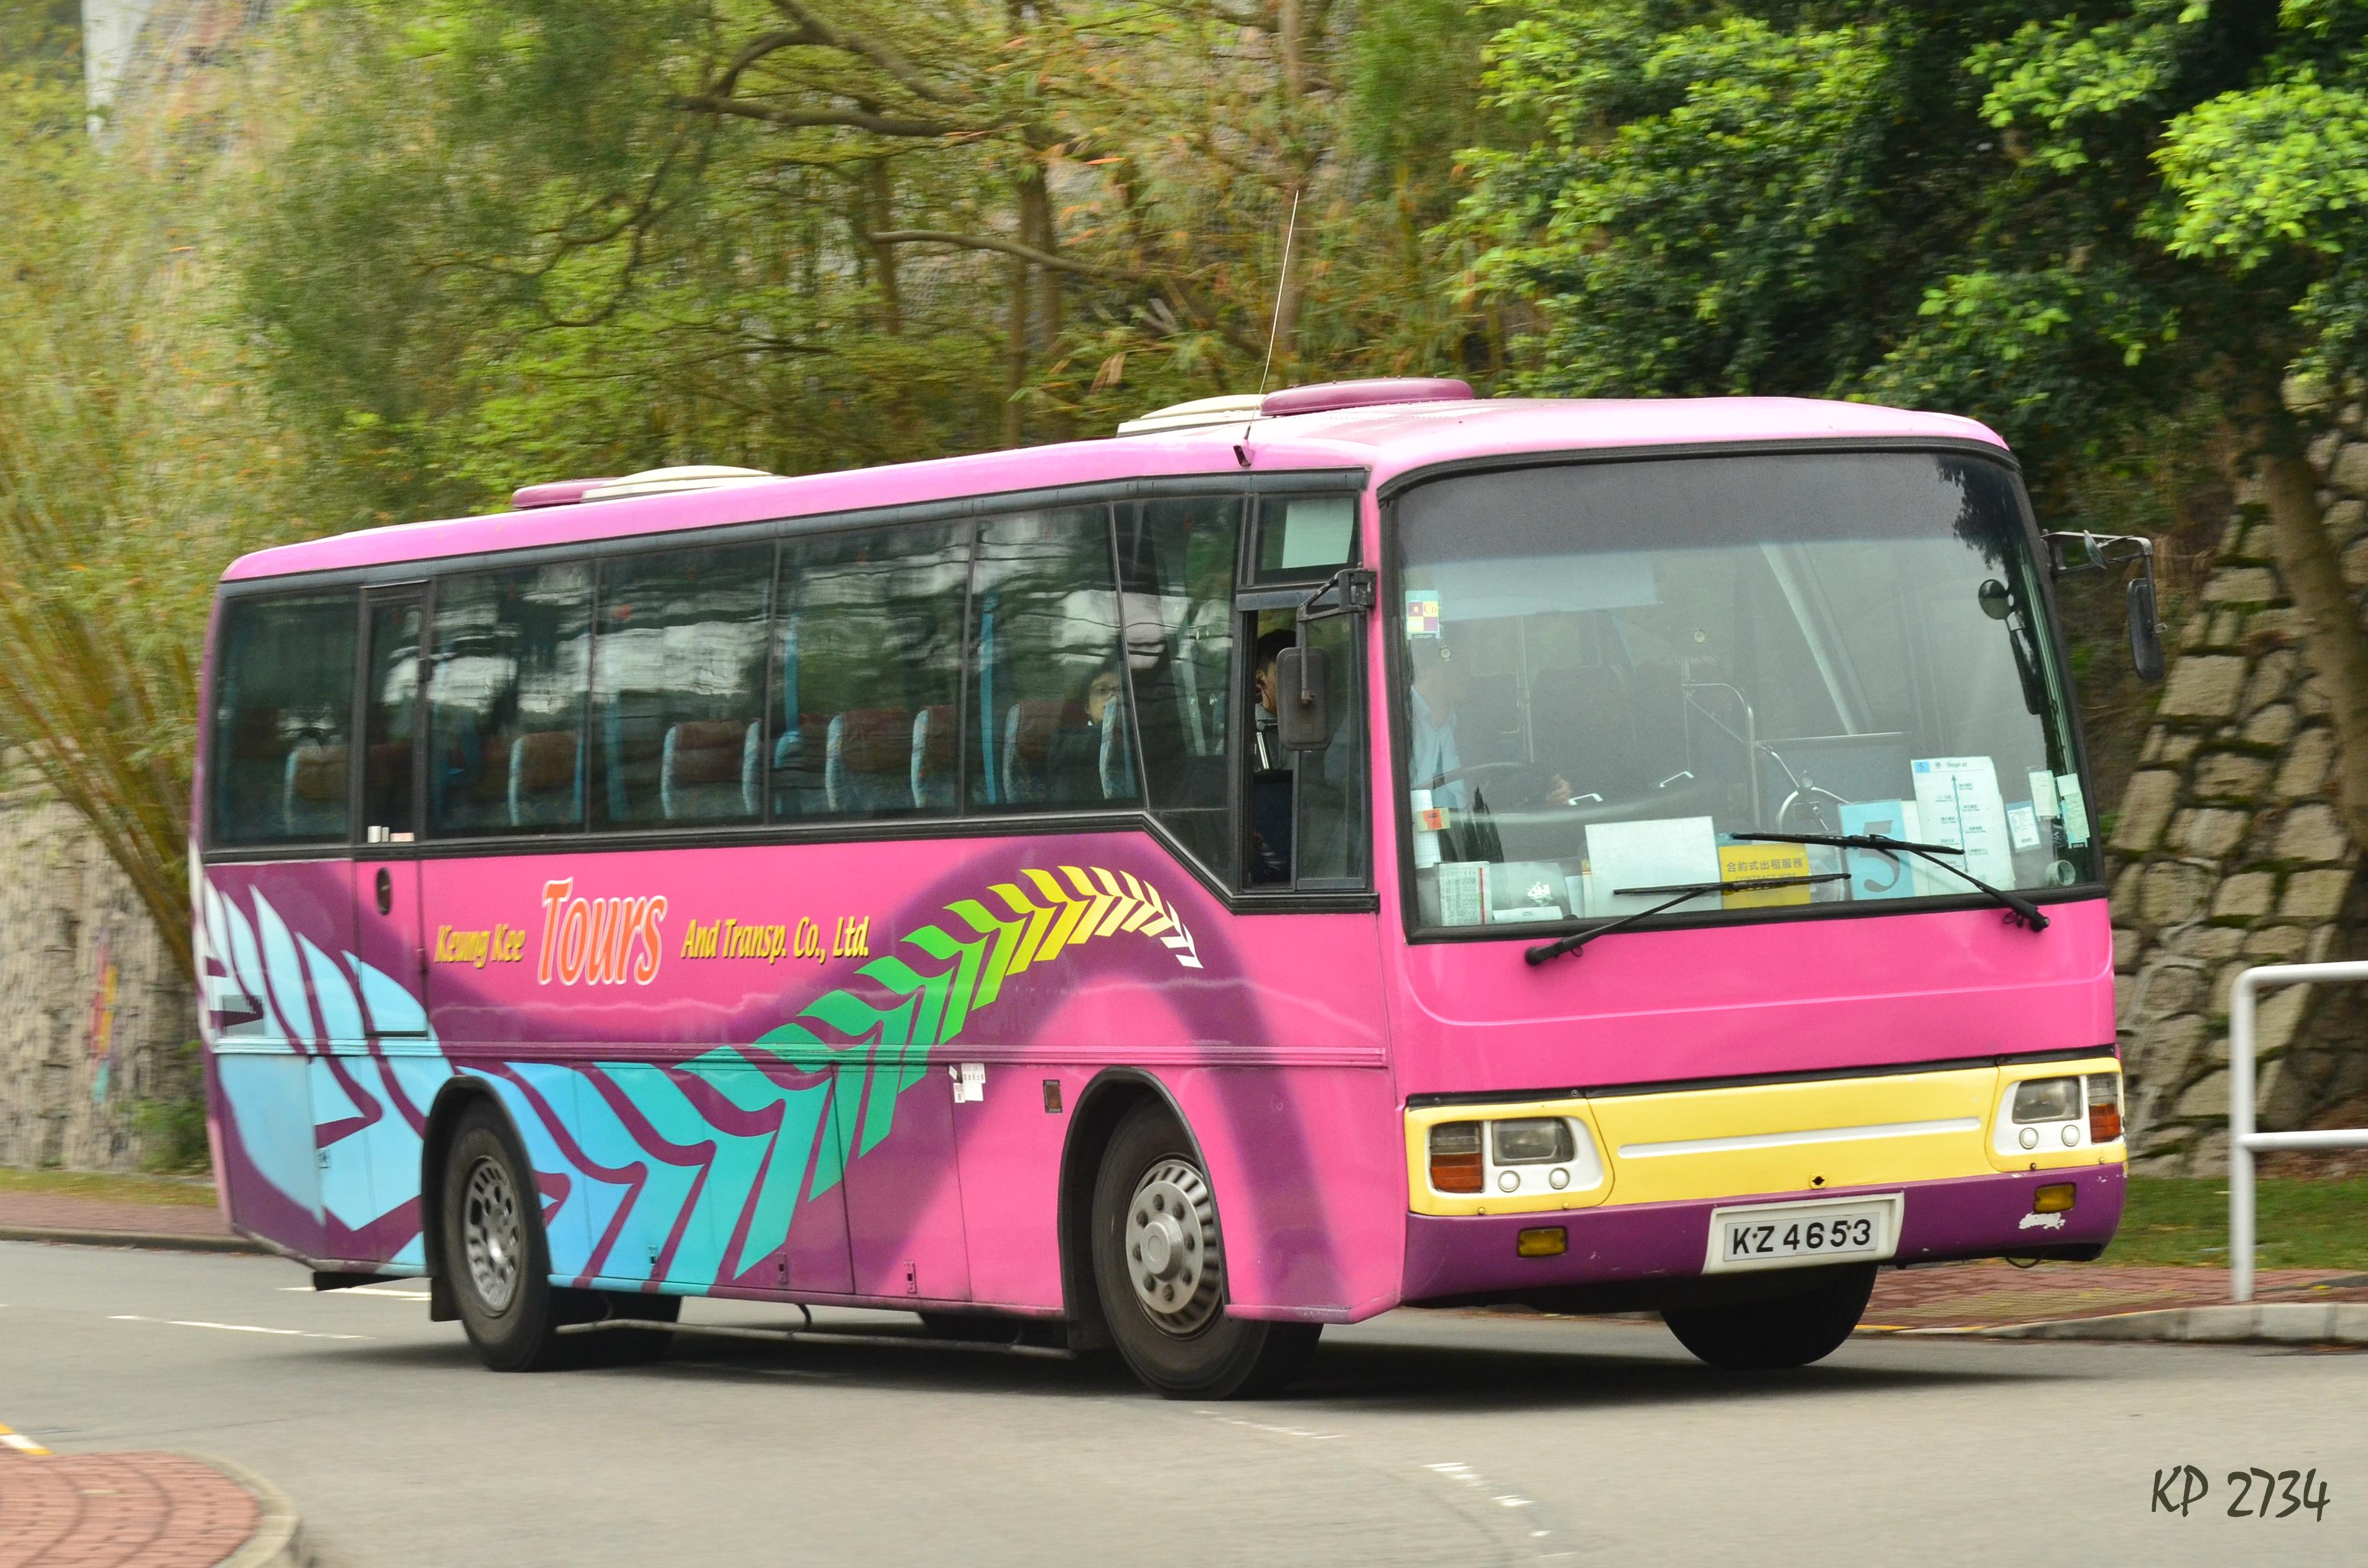 香港中文大學校巴5號線